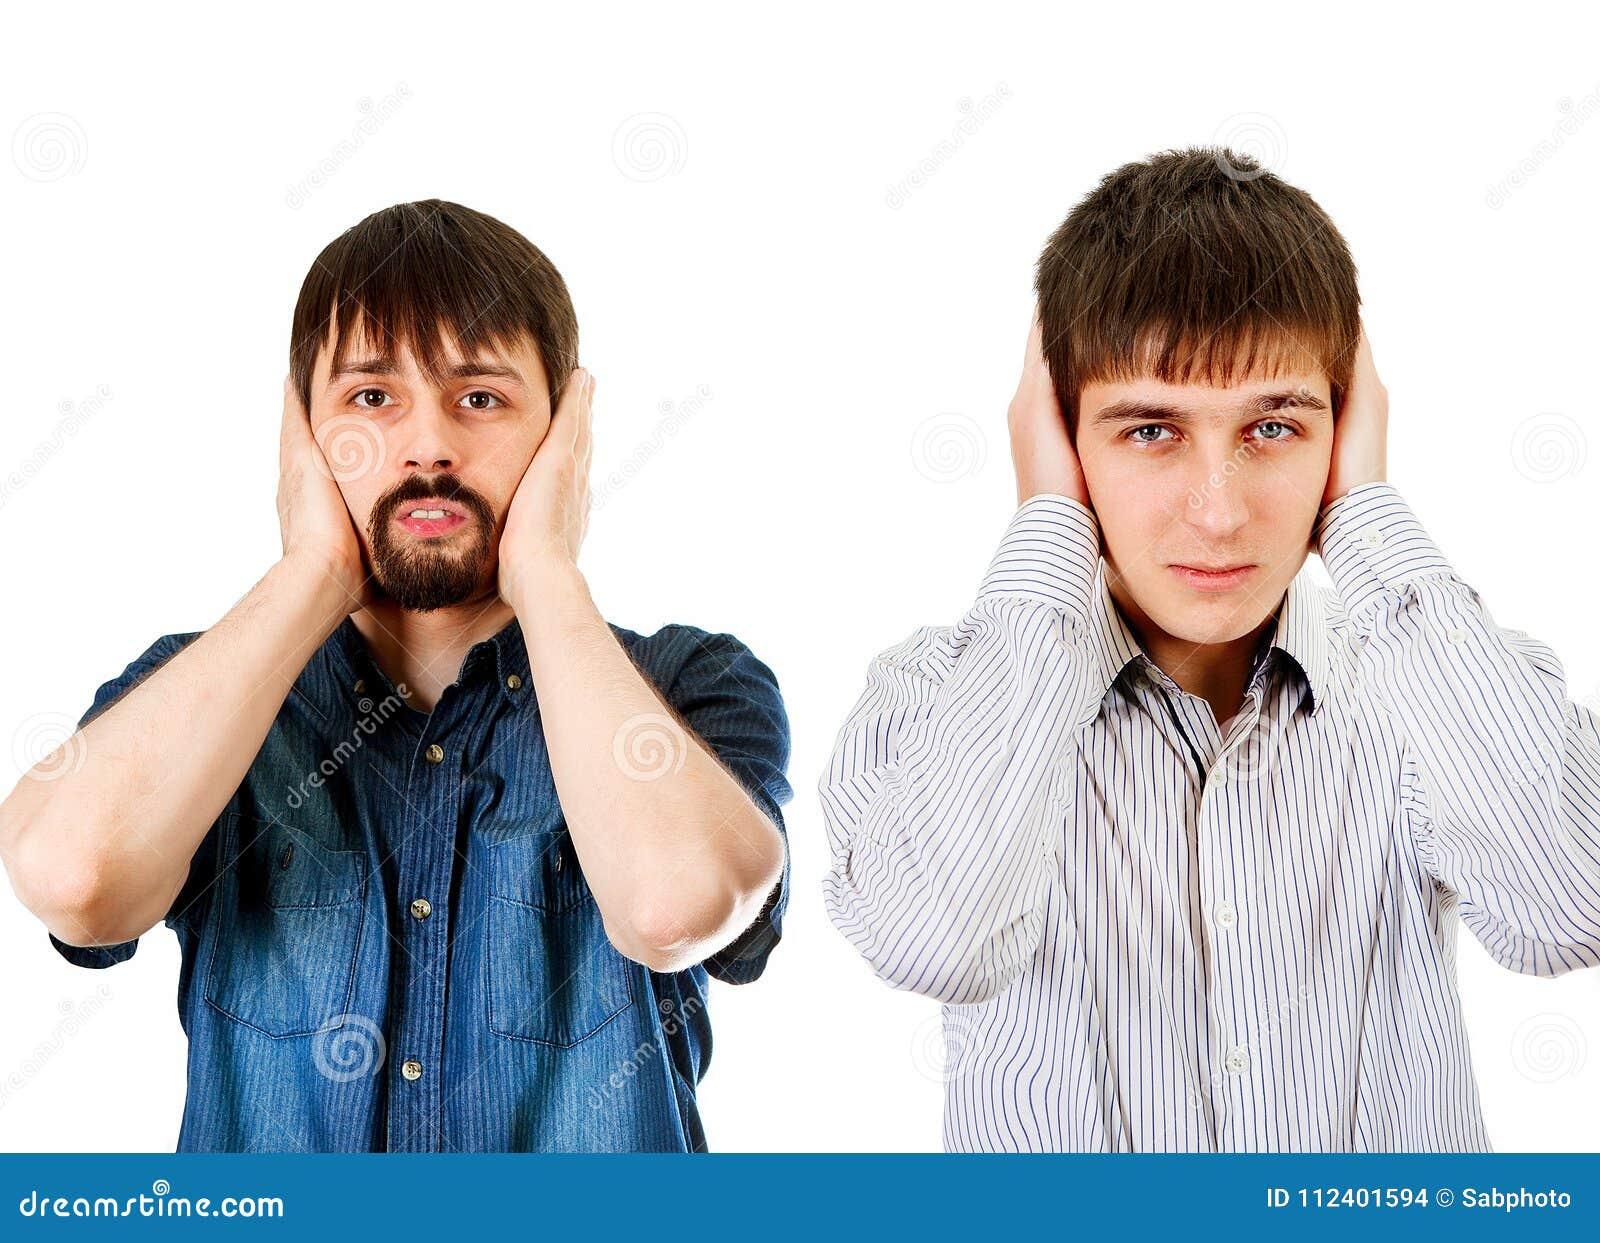 Los individuos cierran los oídos